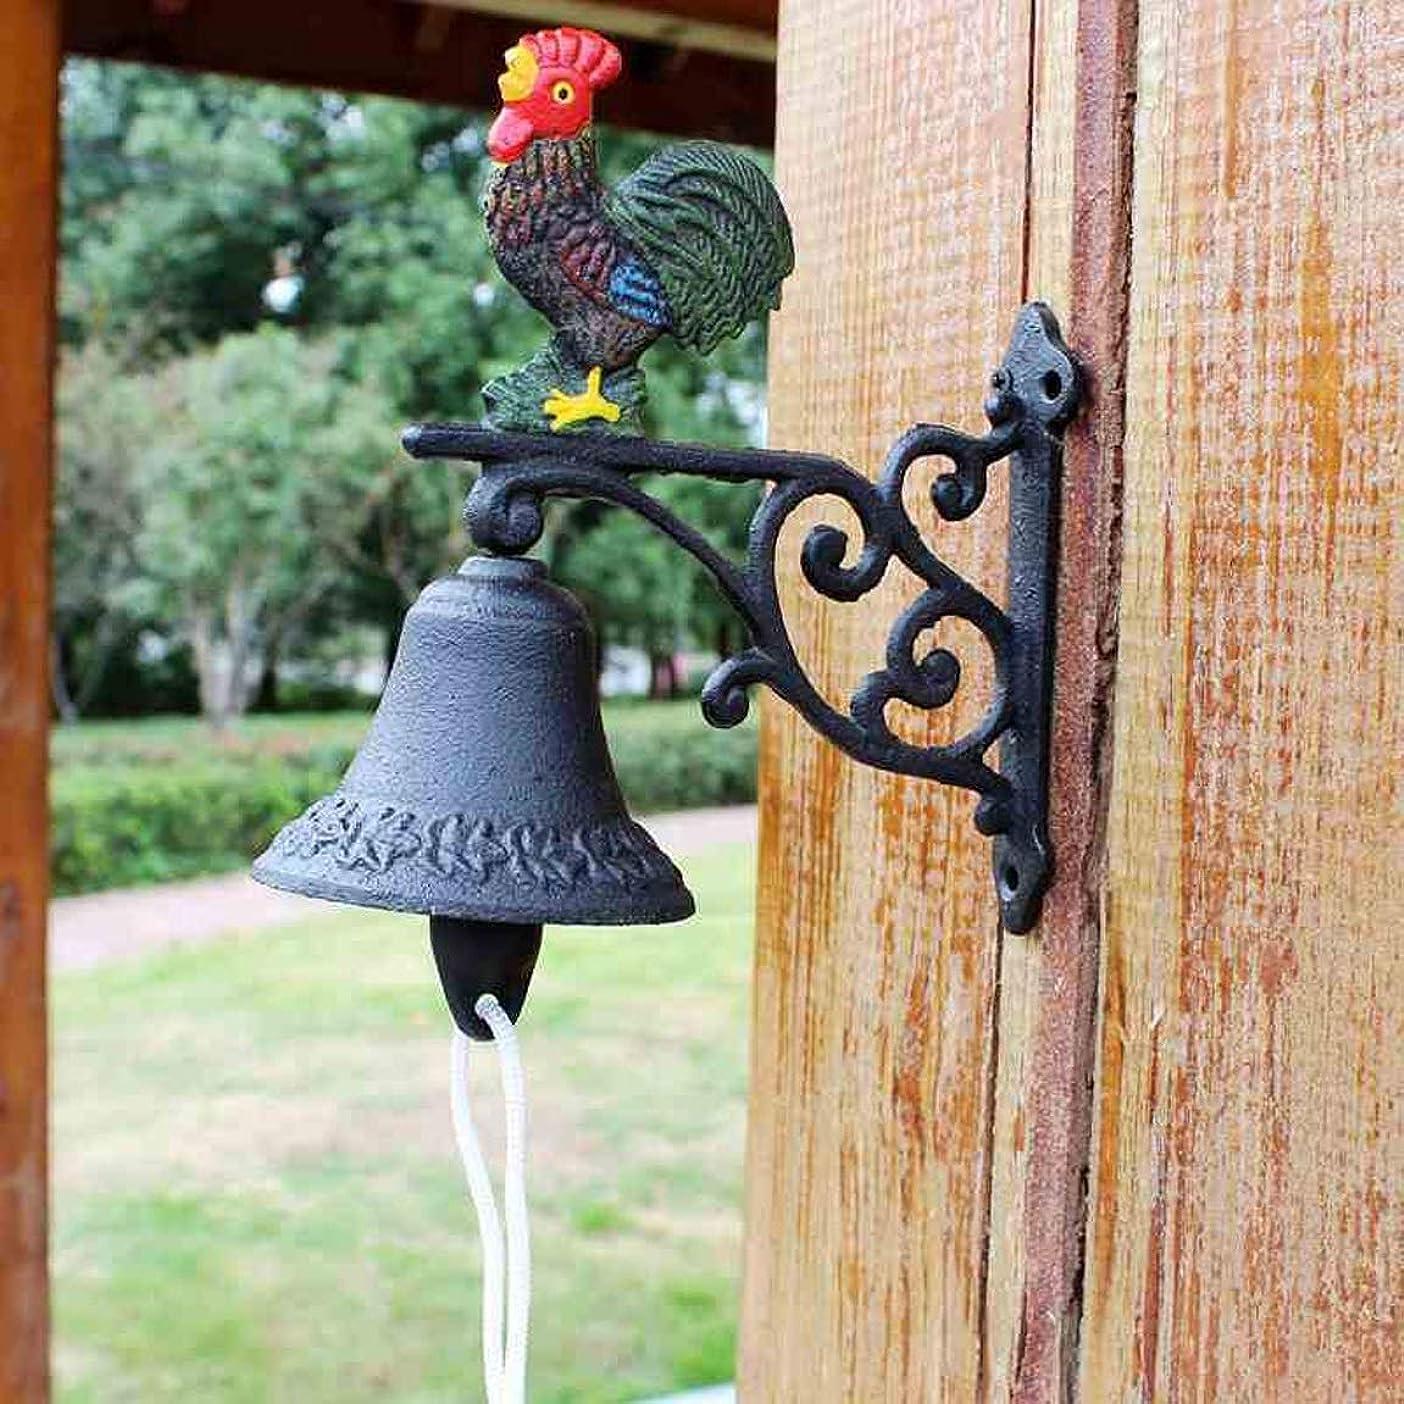 振りかけるディスコ確かにHLQW アメリカの壁の装飾ペンダント農村の鋳鉄製のドアベルハンドリングベルクリエイティブアイアンの中庭の壁の装飾のドアベル、コック